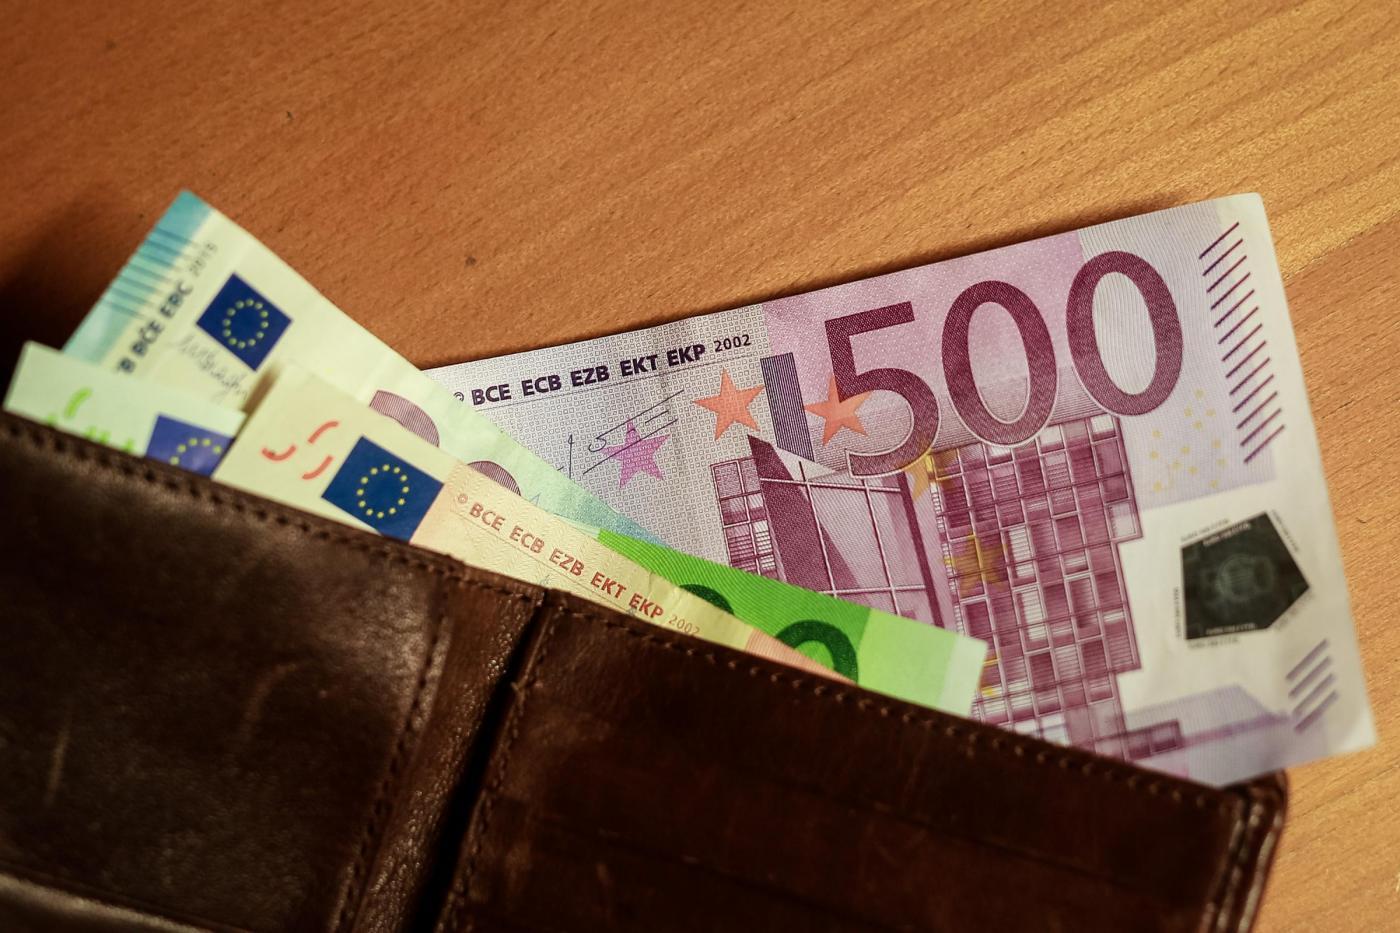 Rom restituisce un portafoglio con 2000 euro trovato in strada